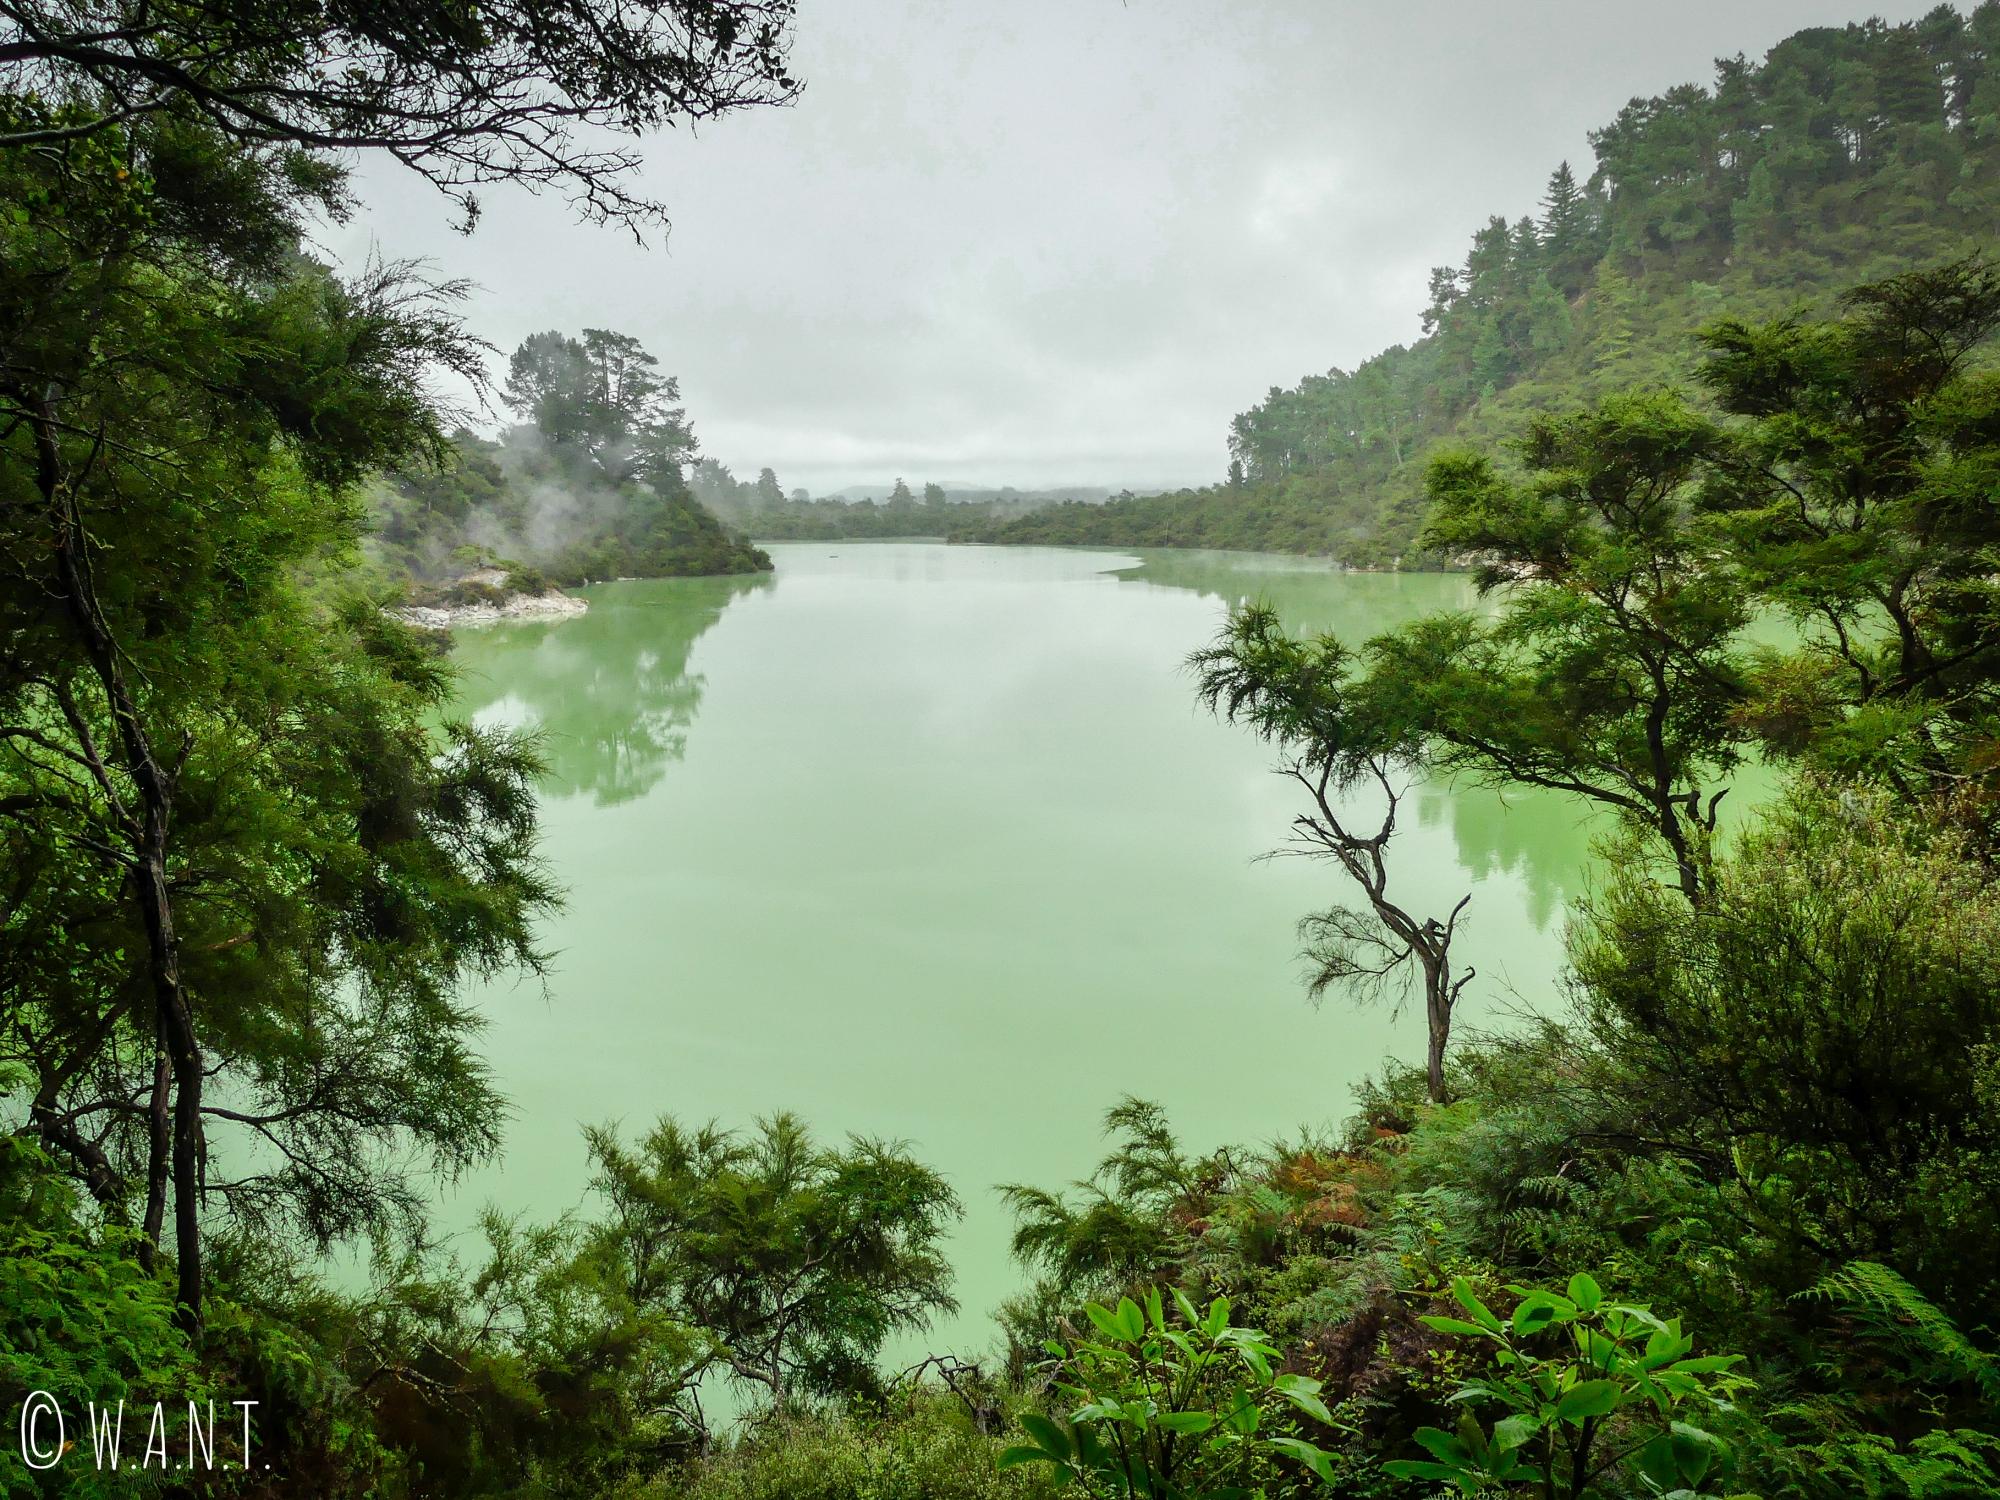 Le Lake Ngakoro a une eau de couleur verte au site de Wai-O-Tapu en Nouvelle-Zélande